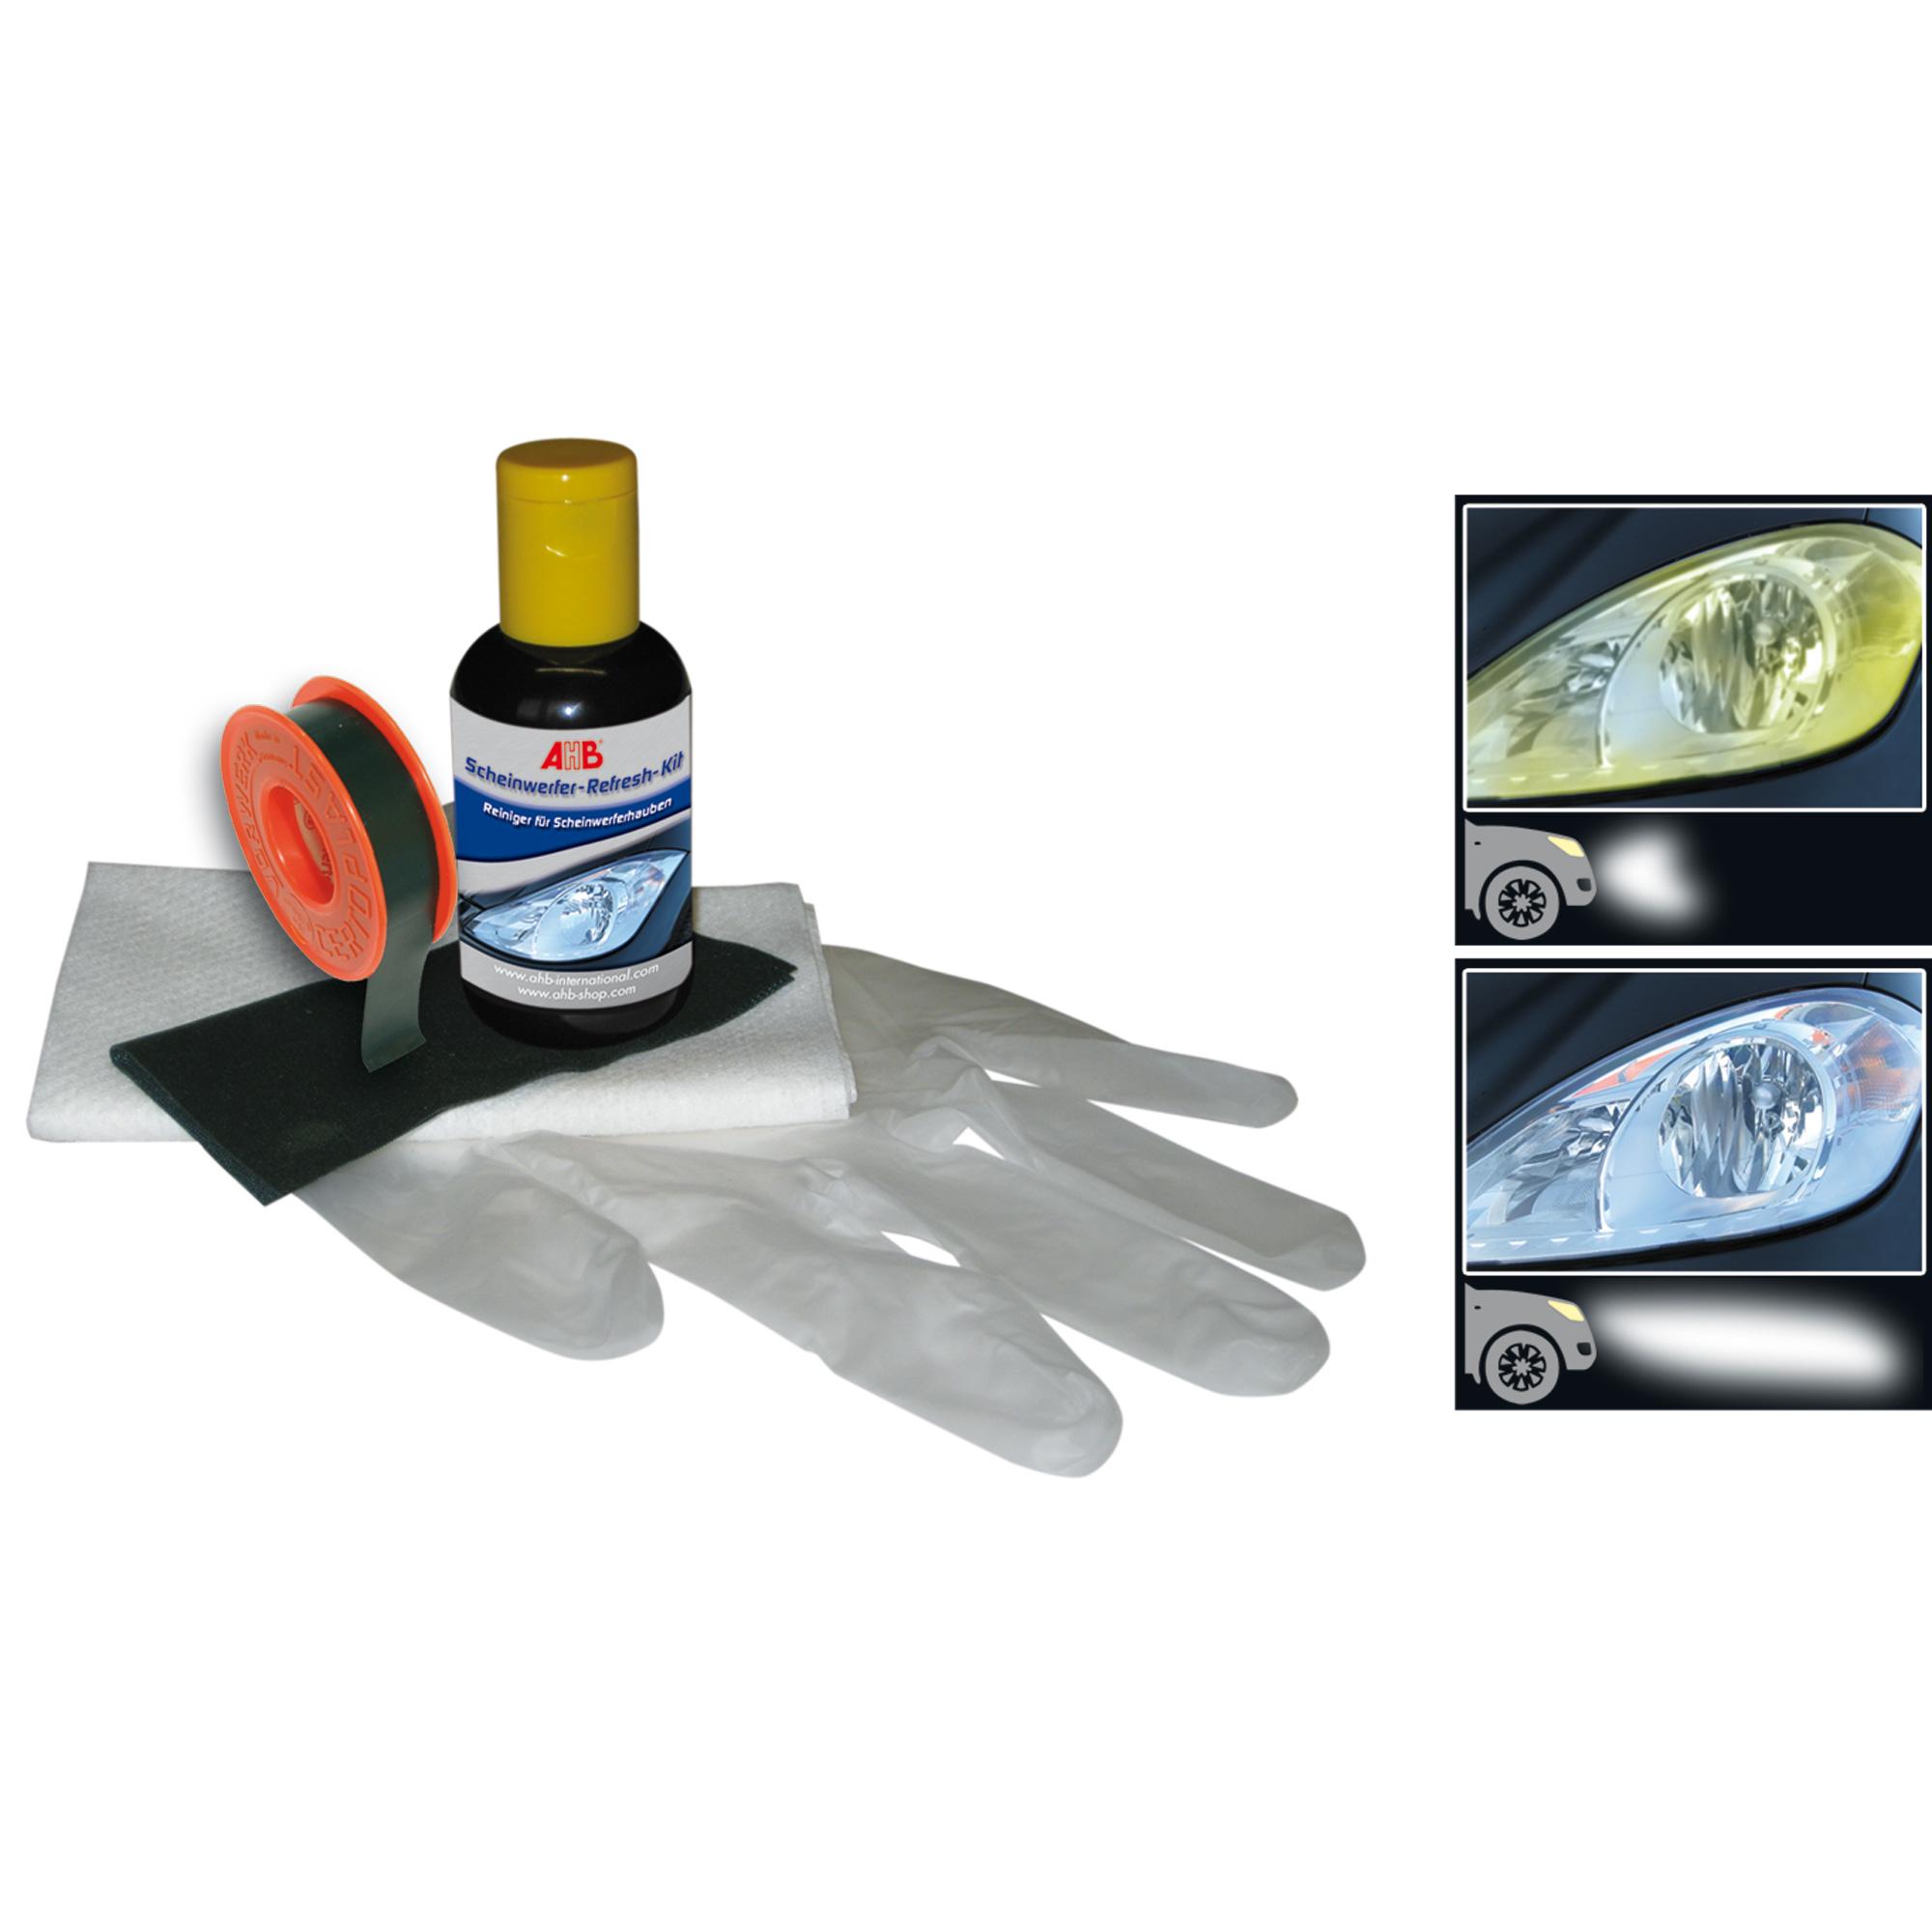 Scheinwerfer-Refresh-Kit